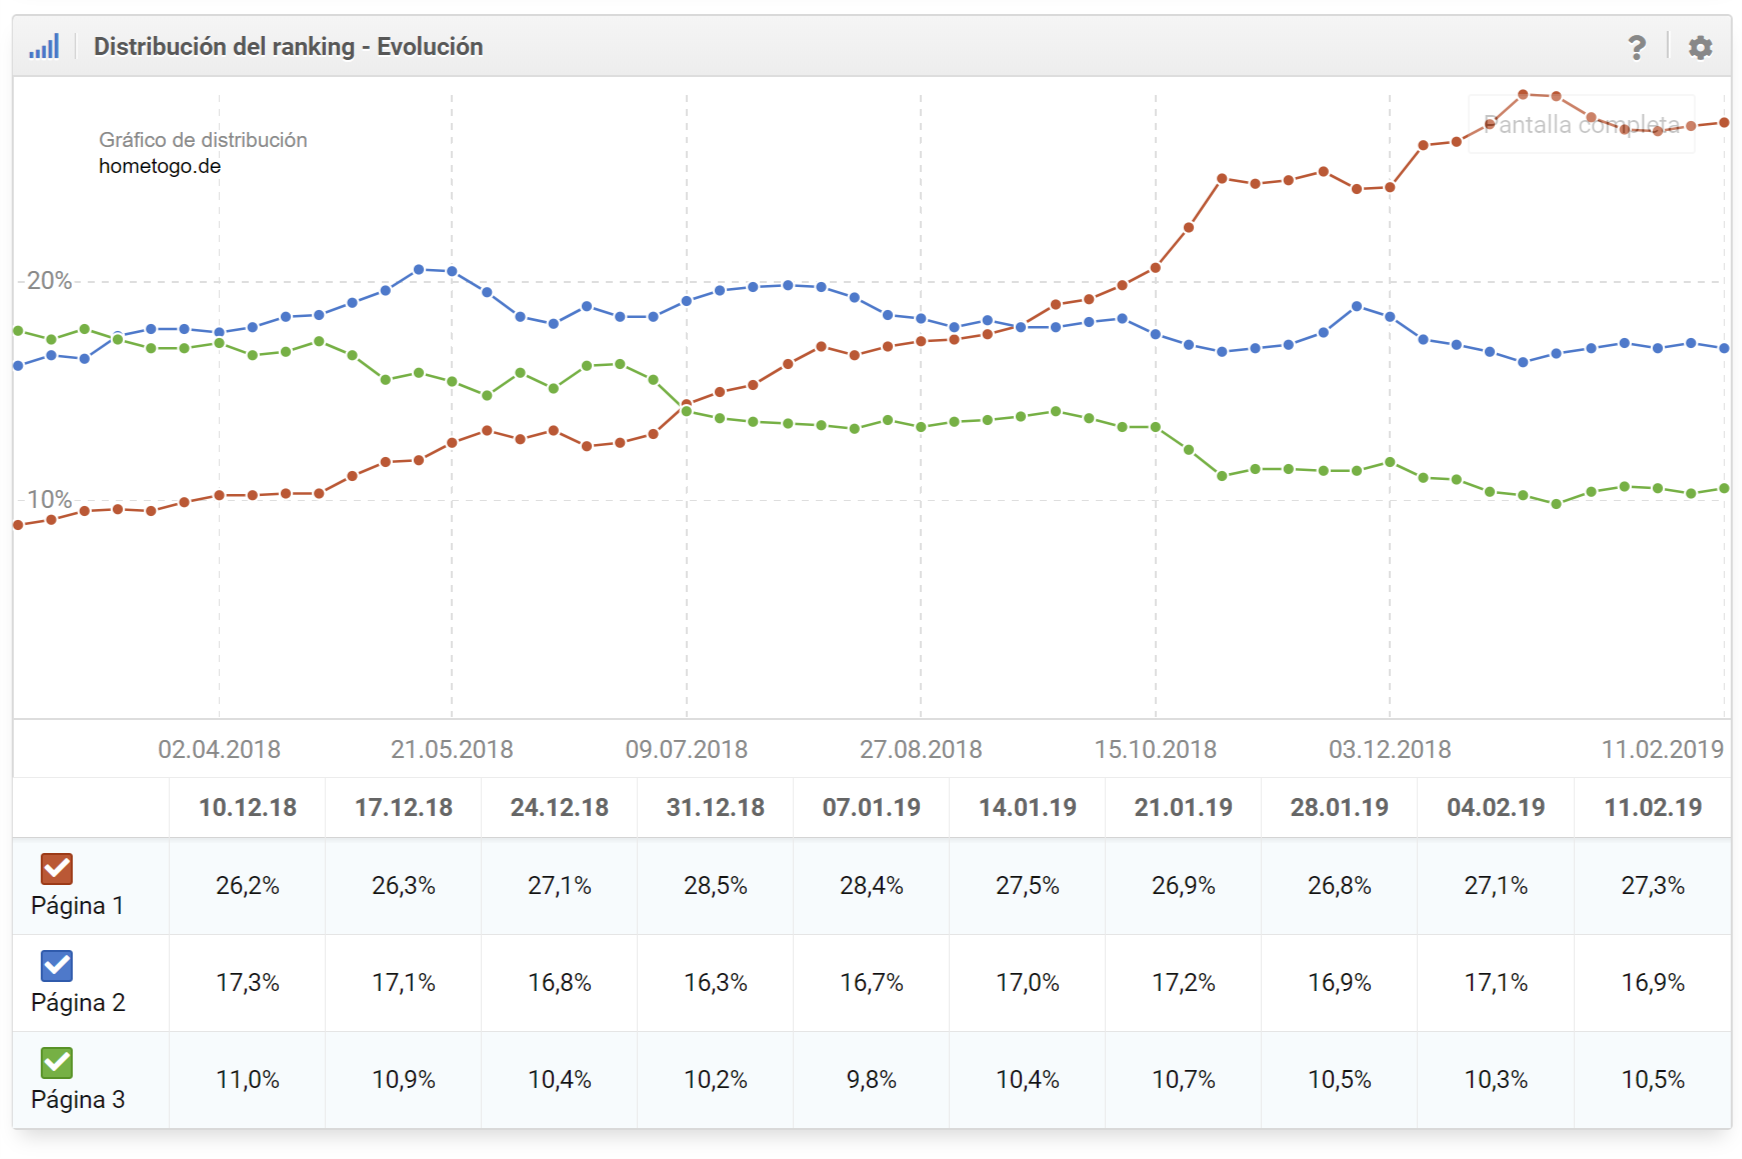 Distribución del ranking para el dominio hometogo.de